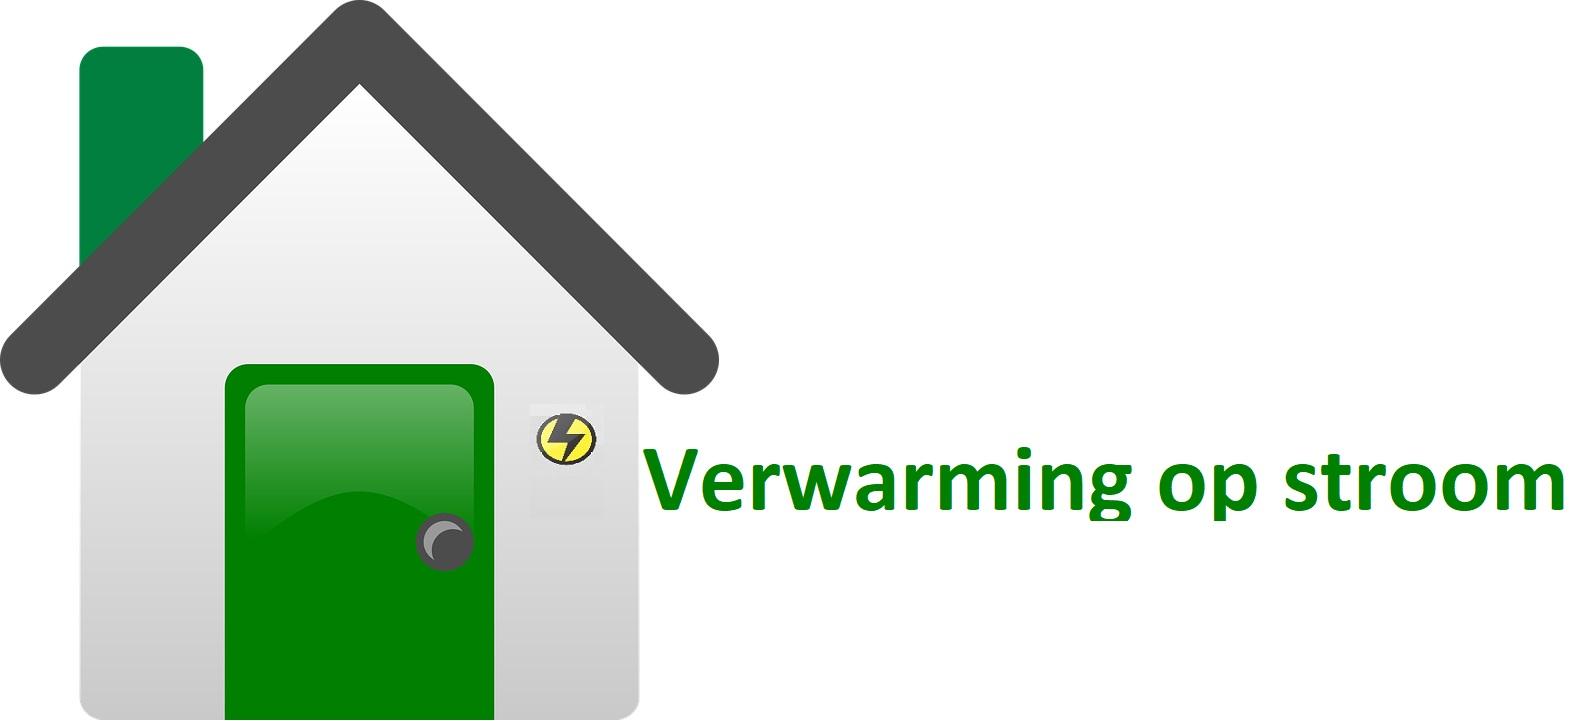 Verwarming op stroom